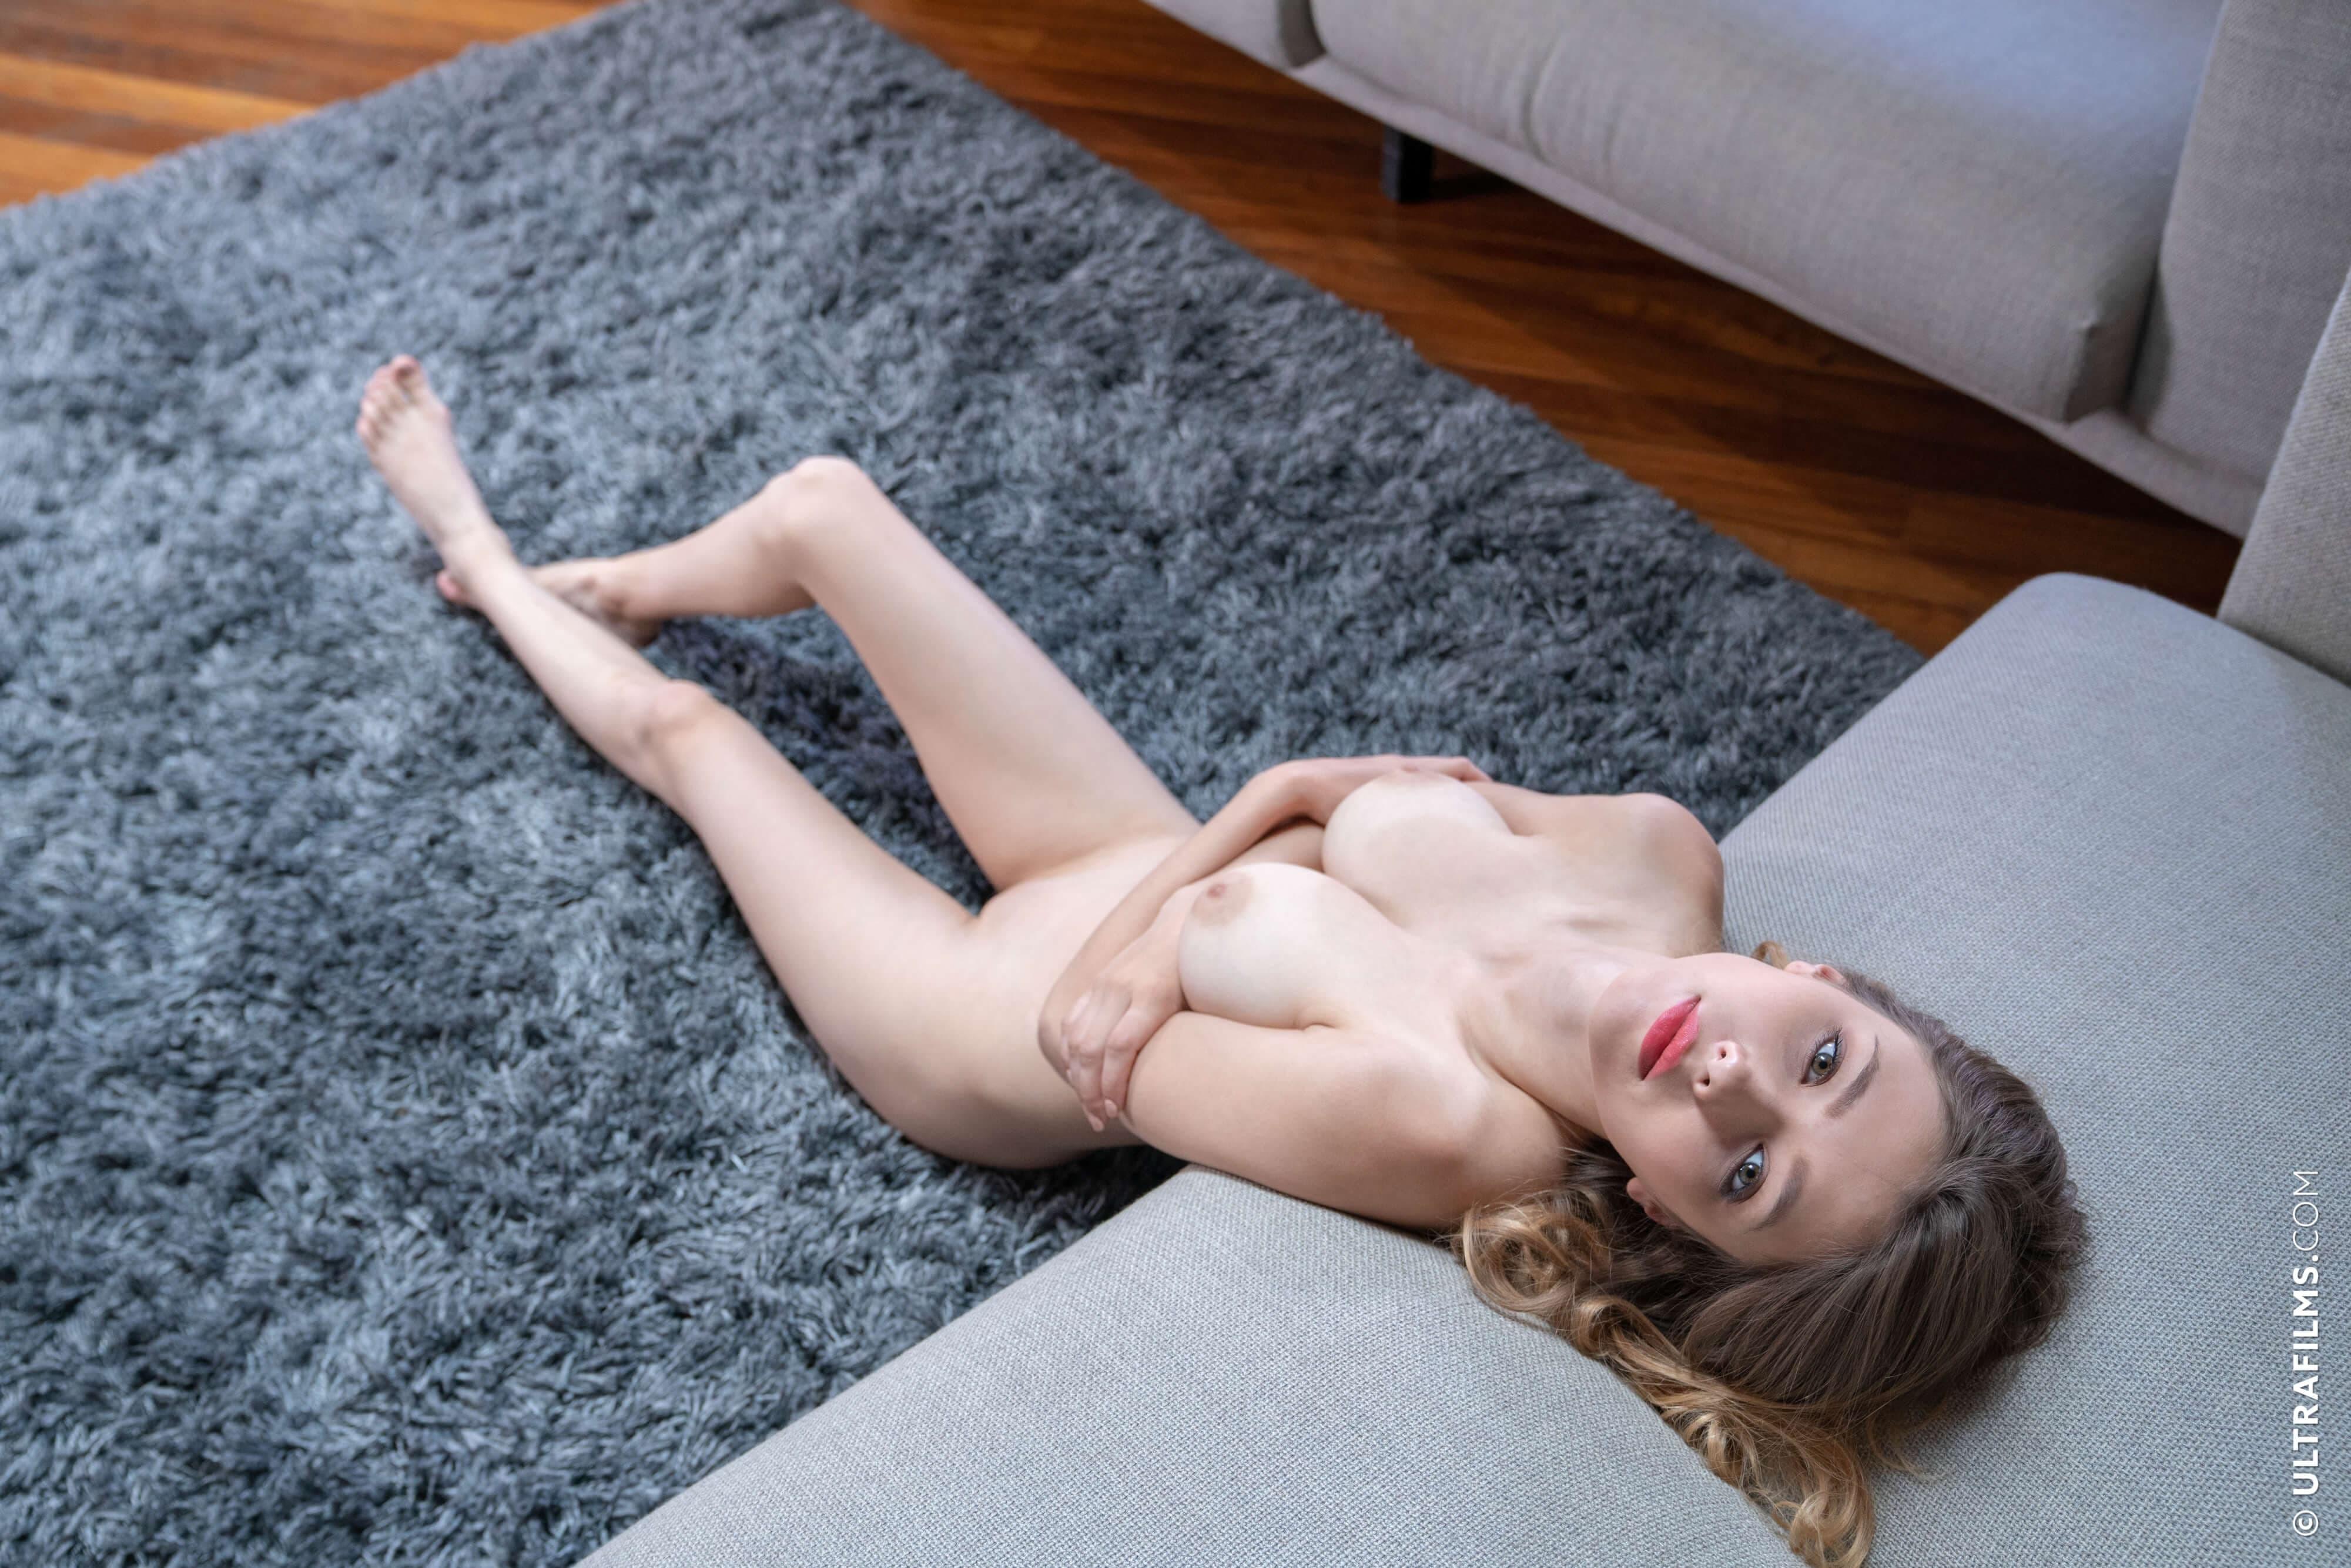 Соска с натуральными сиськами раком на диване - фото